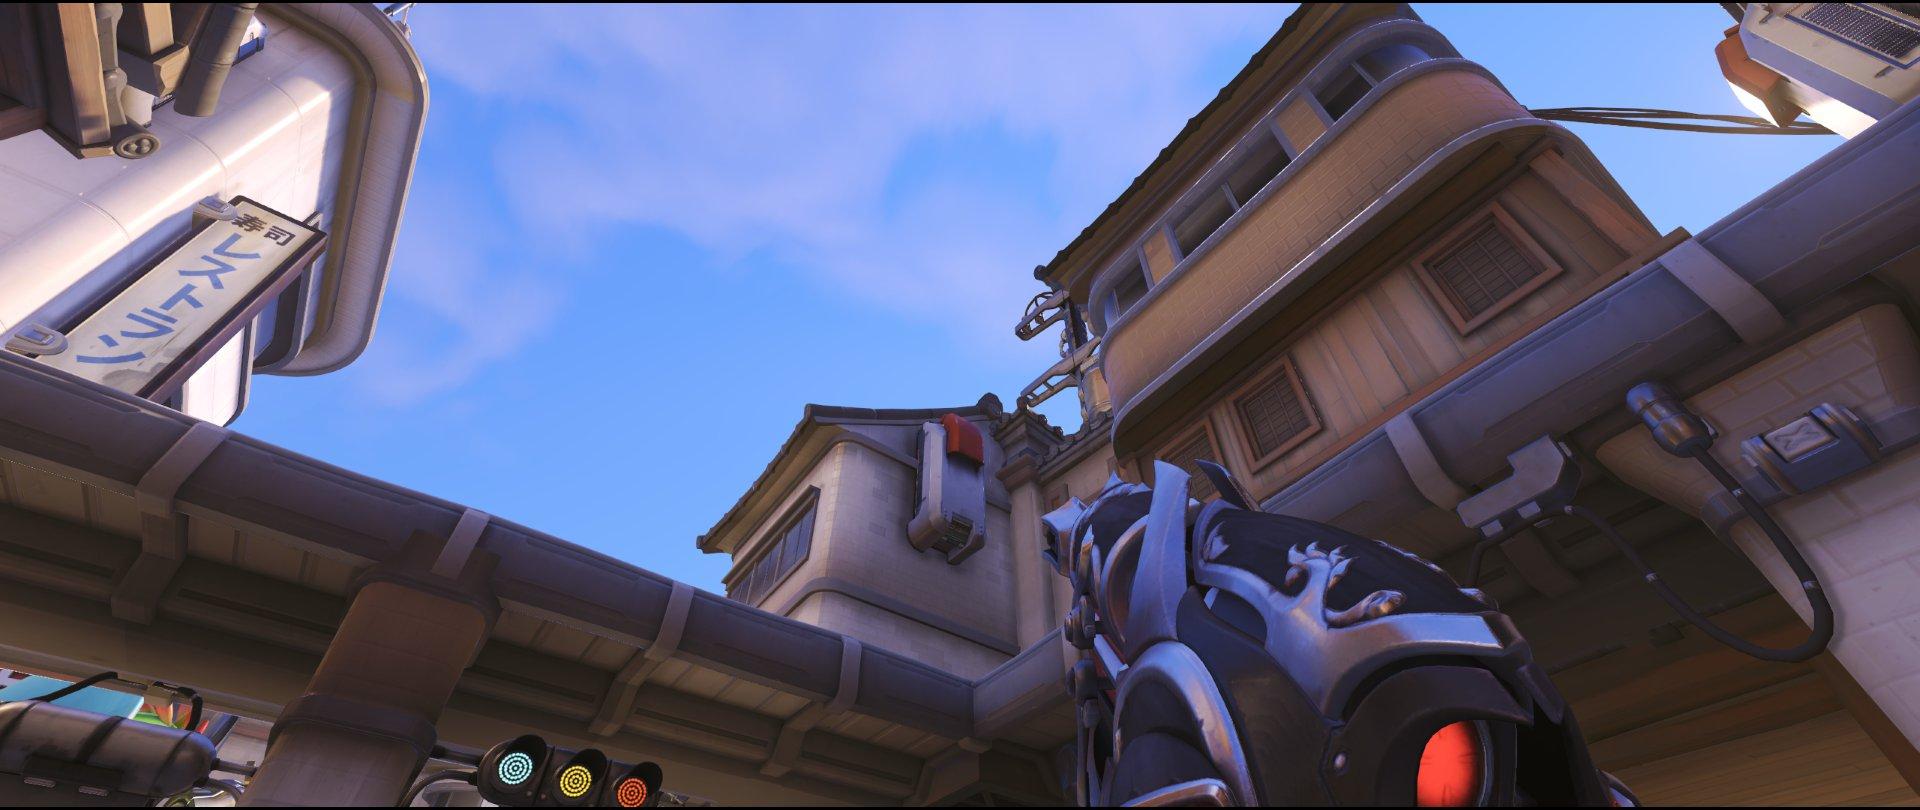 Above Bridge offense Widowmaker sniping spot Hanamura Overwatch.jpg